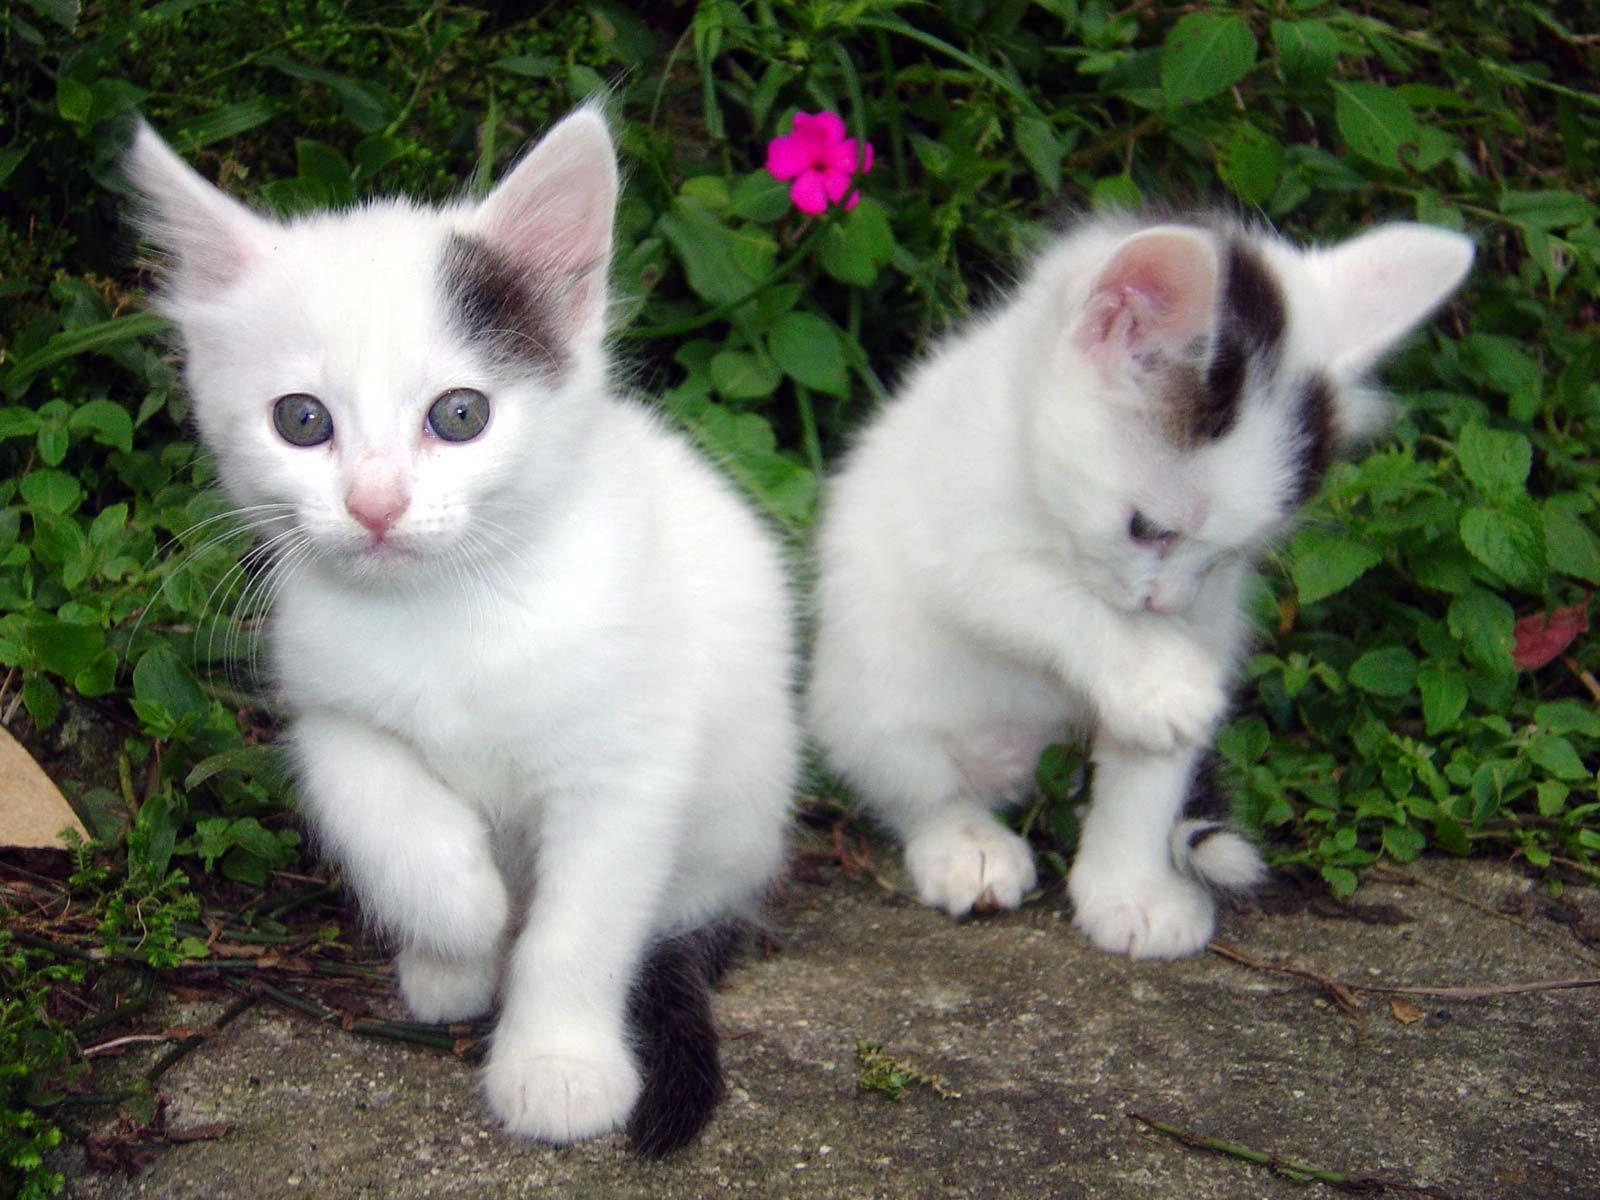 http://onlyhdwallpapers.com/wallpaper/cats_desktop_1600x1200_wallpaper-96208.jpeg